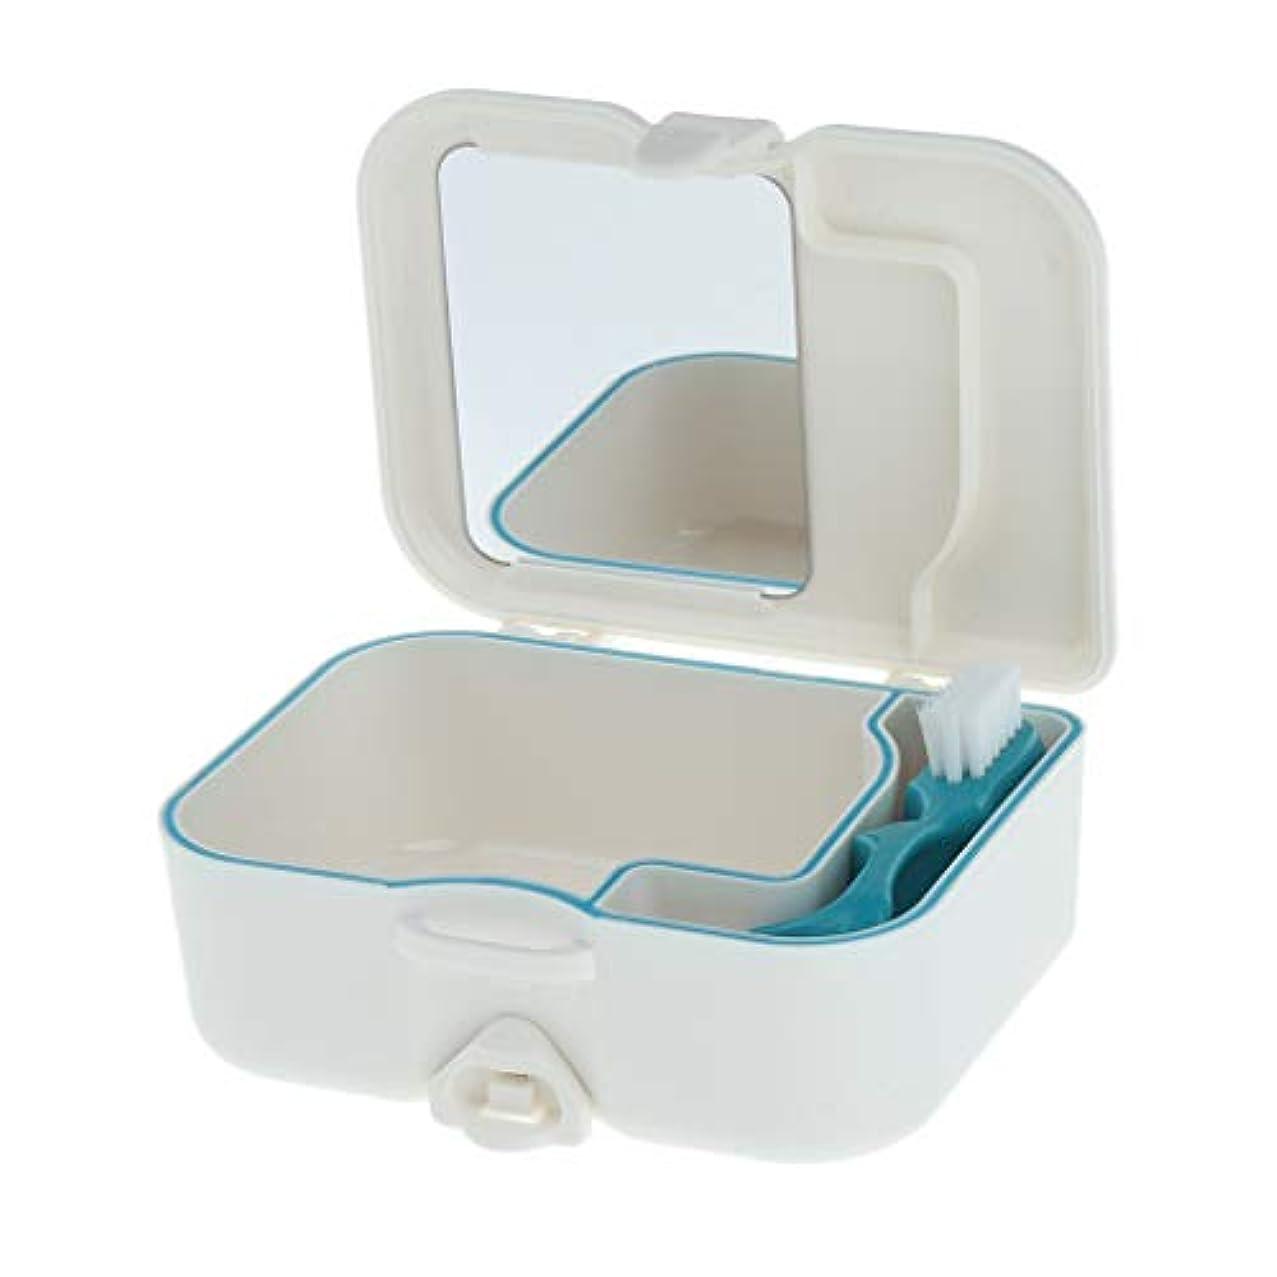 縮約肉嫌なPerfeclan 義歯ケース 収納ボックス ミラー ブラシ付 携帯用